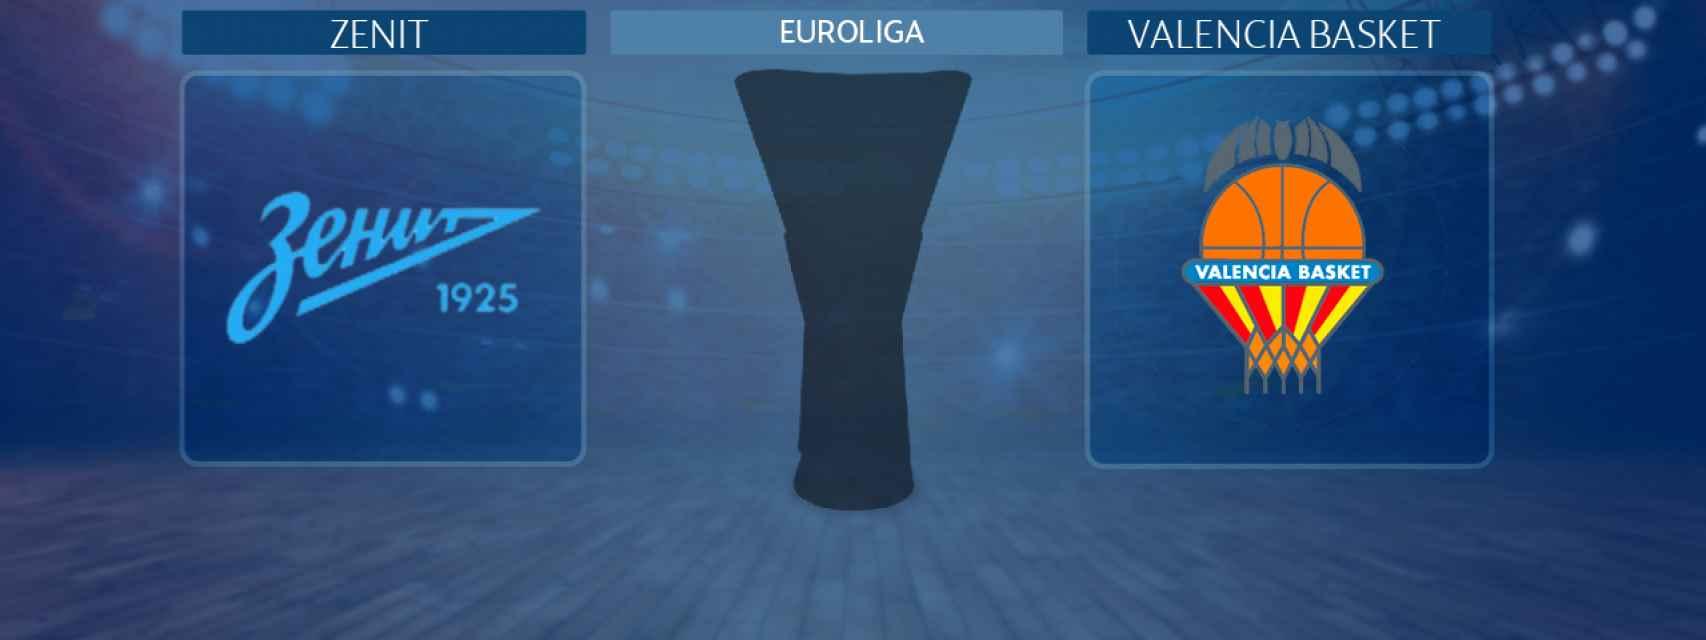 Zenit - Valencia Basket, partido de la Euroliga